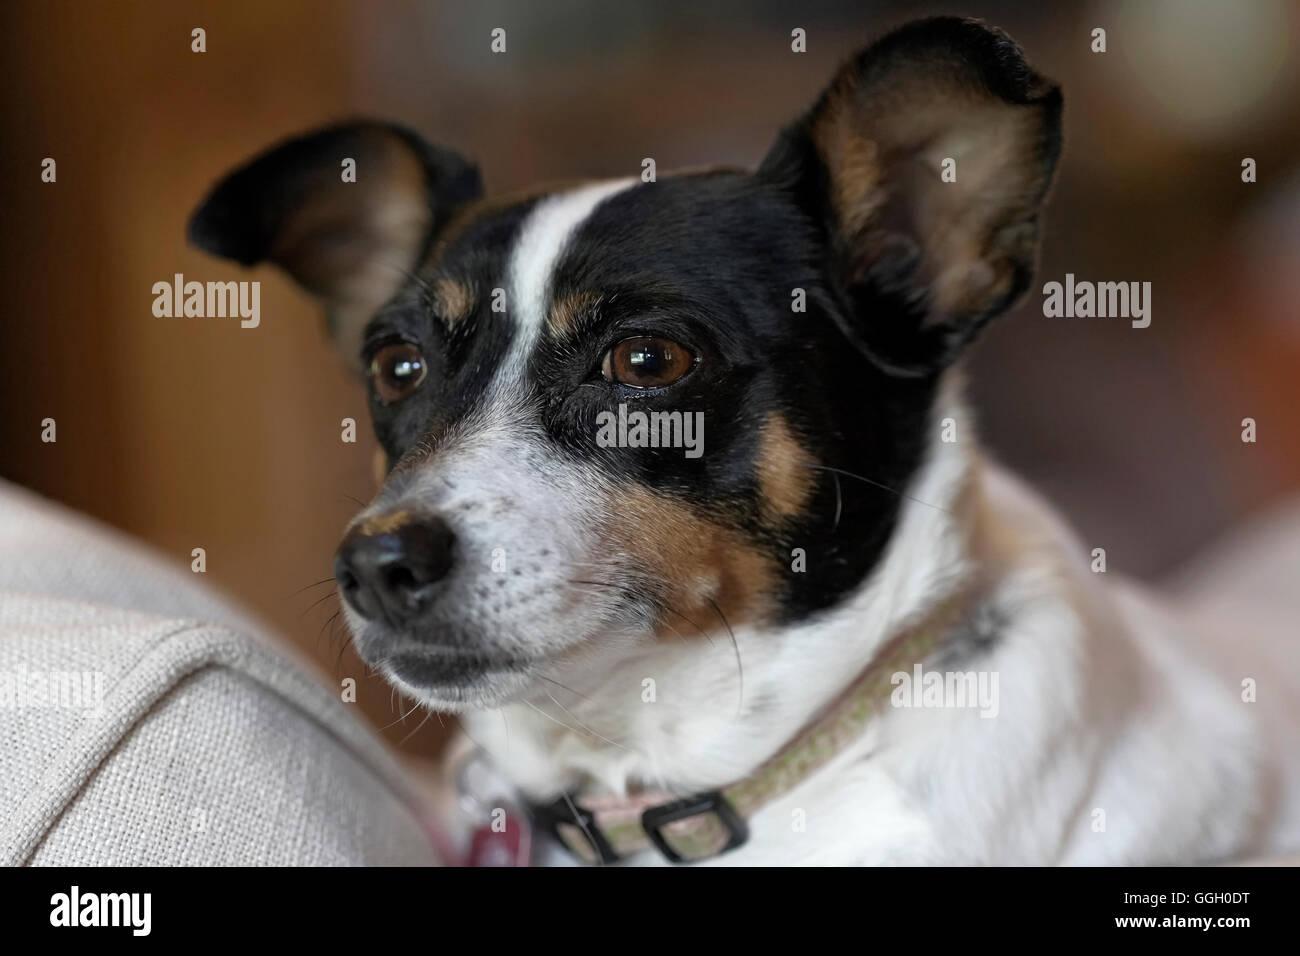 Rat Terrier cane sul divano a guardare fuori dalla finestra. In bianco e nero di cane. Immagini Stock